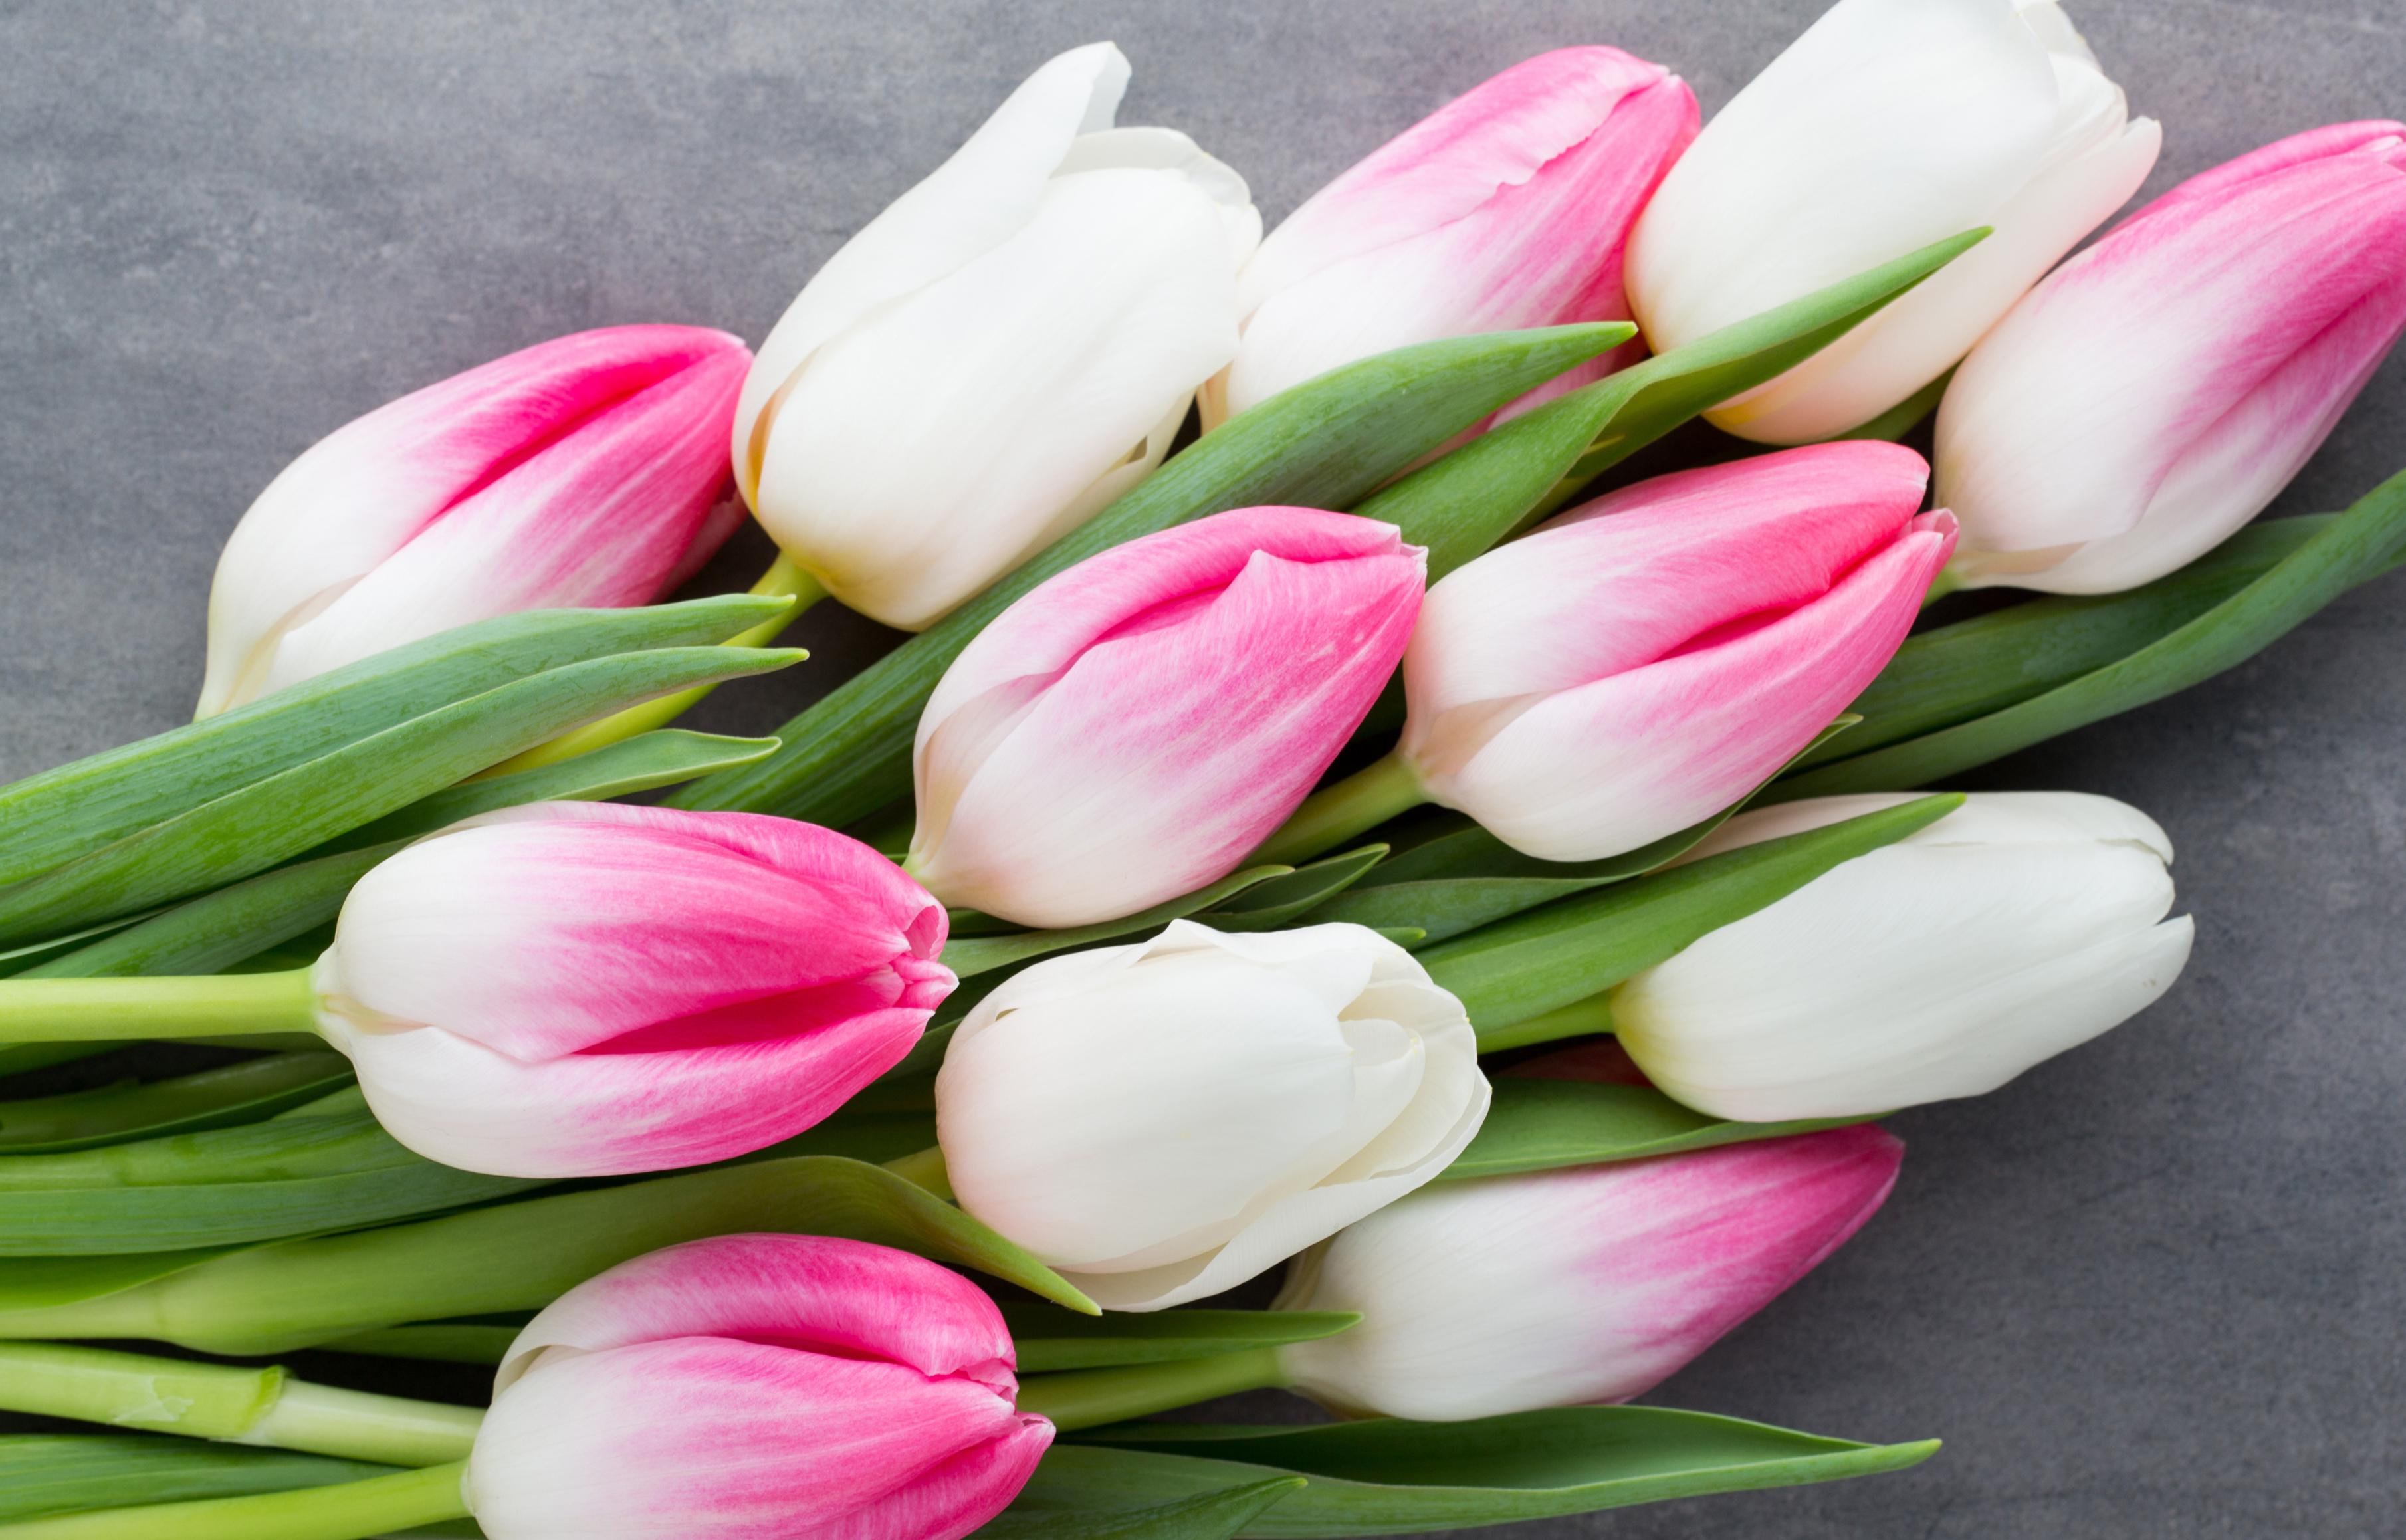 tulip-photo-44